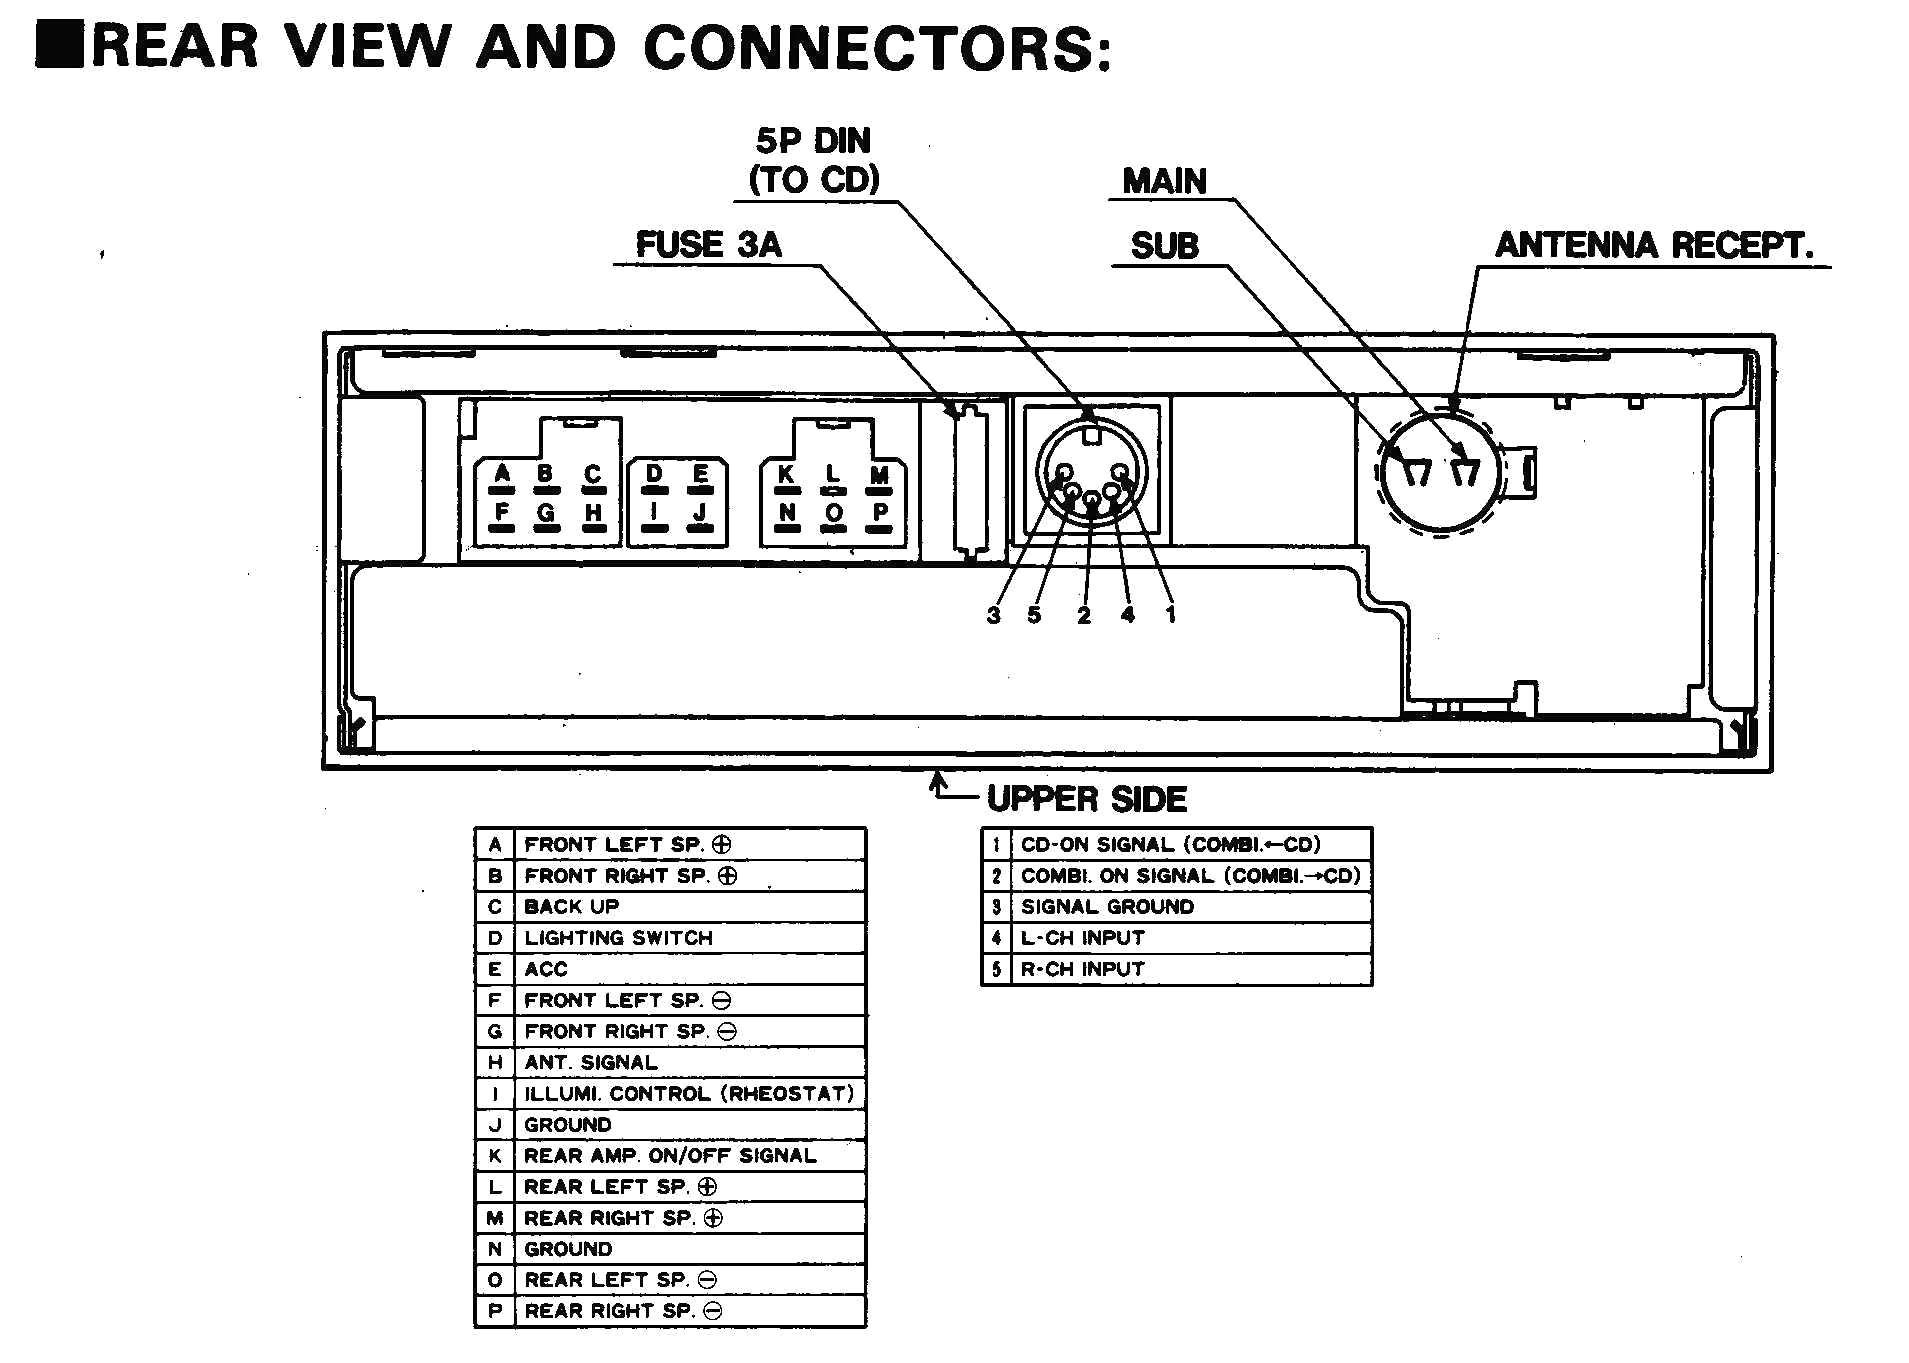 Karaoke cd player wiring diagrams wiring diagram toyota radio wiring diagram furthermore car stereo wiring diagram equalizer wiring diagram karaoke cd player wiring diagrams cheapraybanclubmaster Images